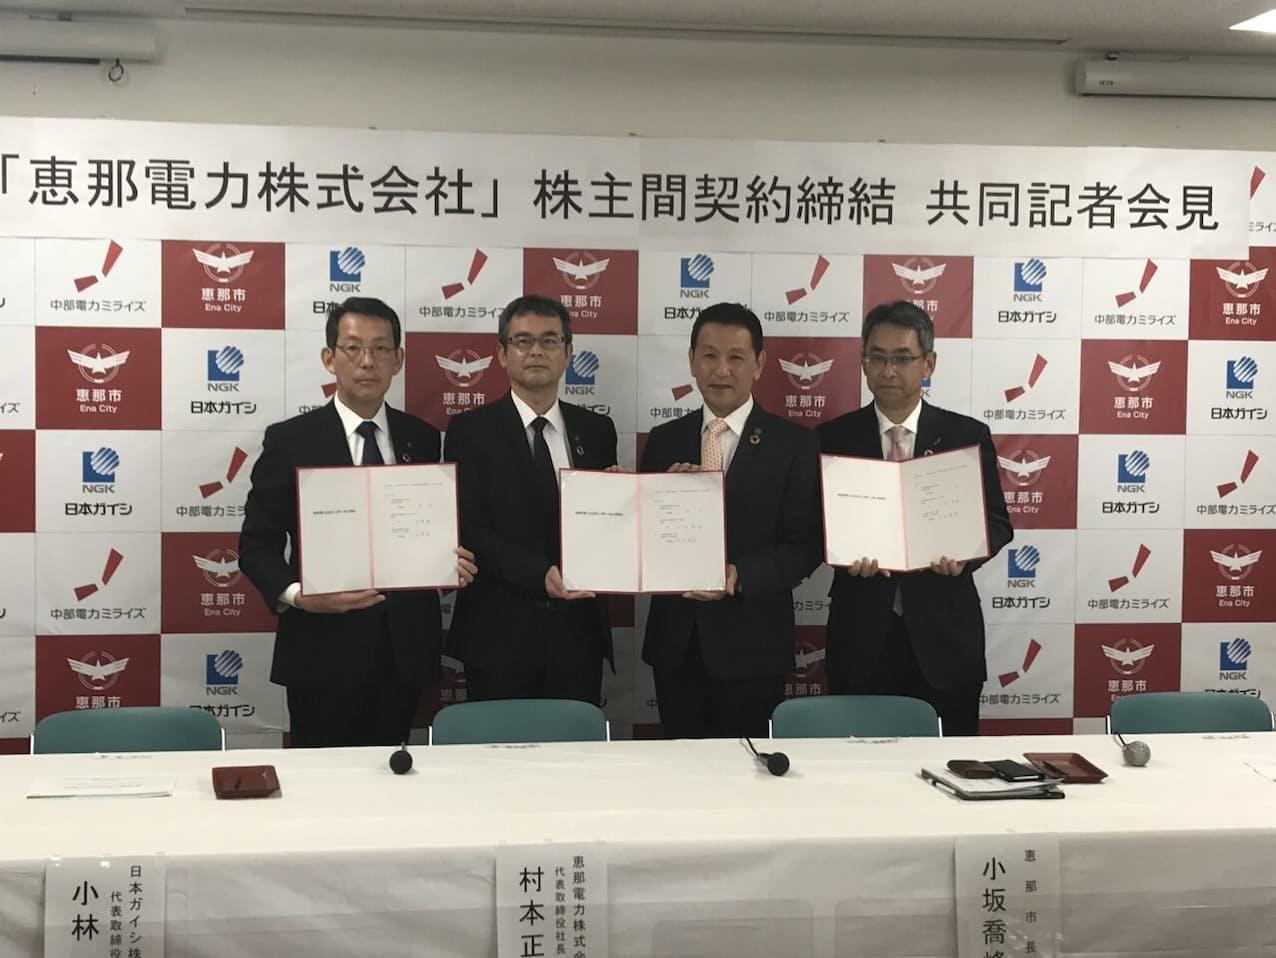 日本ガイシは岐阜県恵那市などと新電力を設立する(左から日本ガイシの小林社長、同社の村本氏、恵那市の小坂市長、中部電力ミライズの大谷社長)